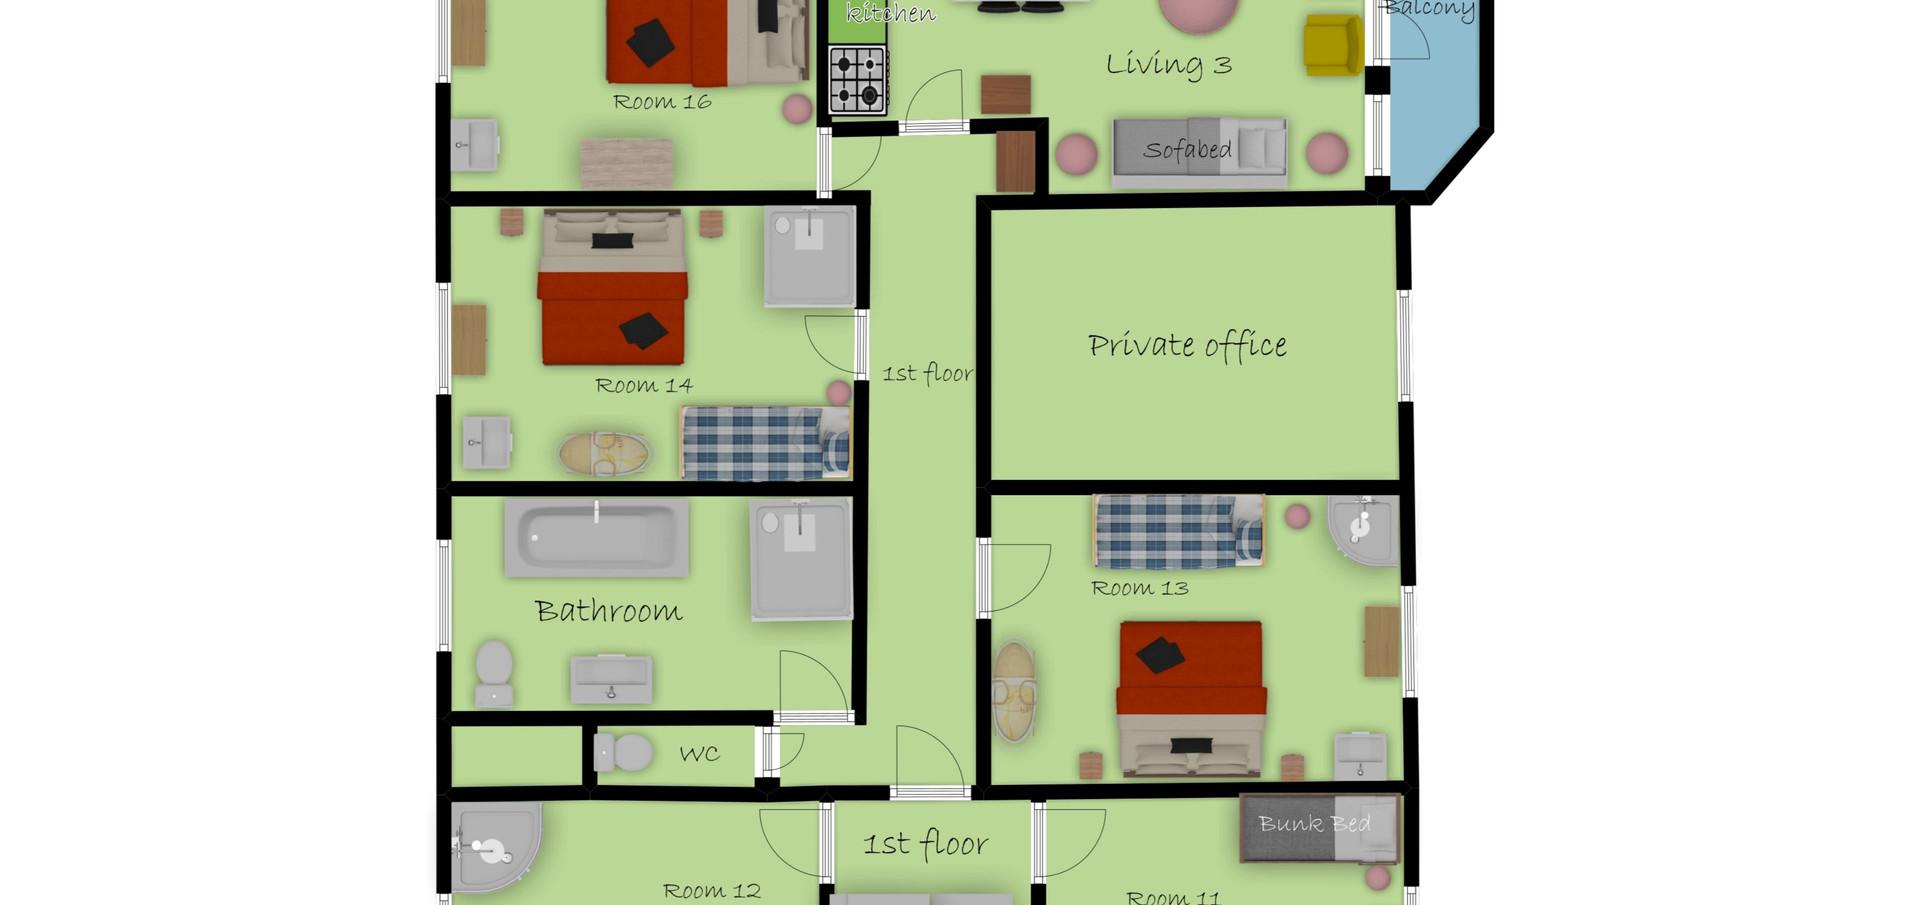 Luxe Vakantiehuis Ardennen Landgoed Le Herou 4* voor 10 tot 70 personen 5 etages 1400 m2